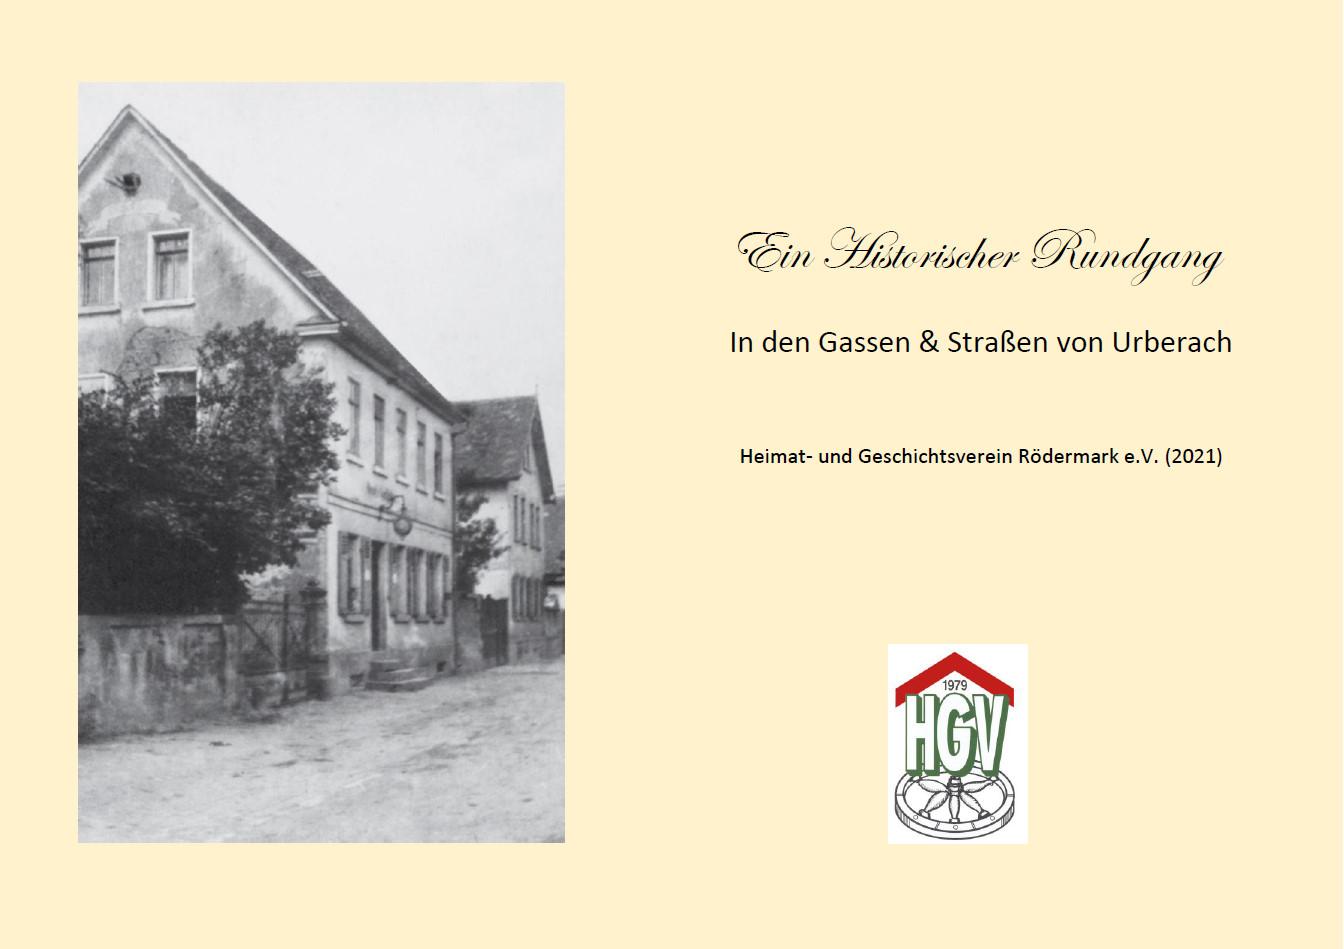 Urberach_1344x949_b